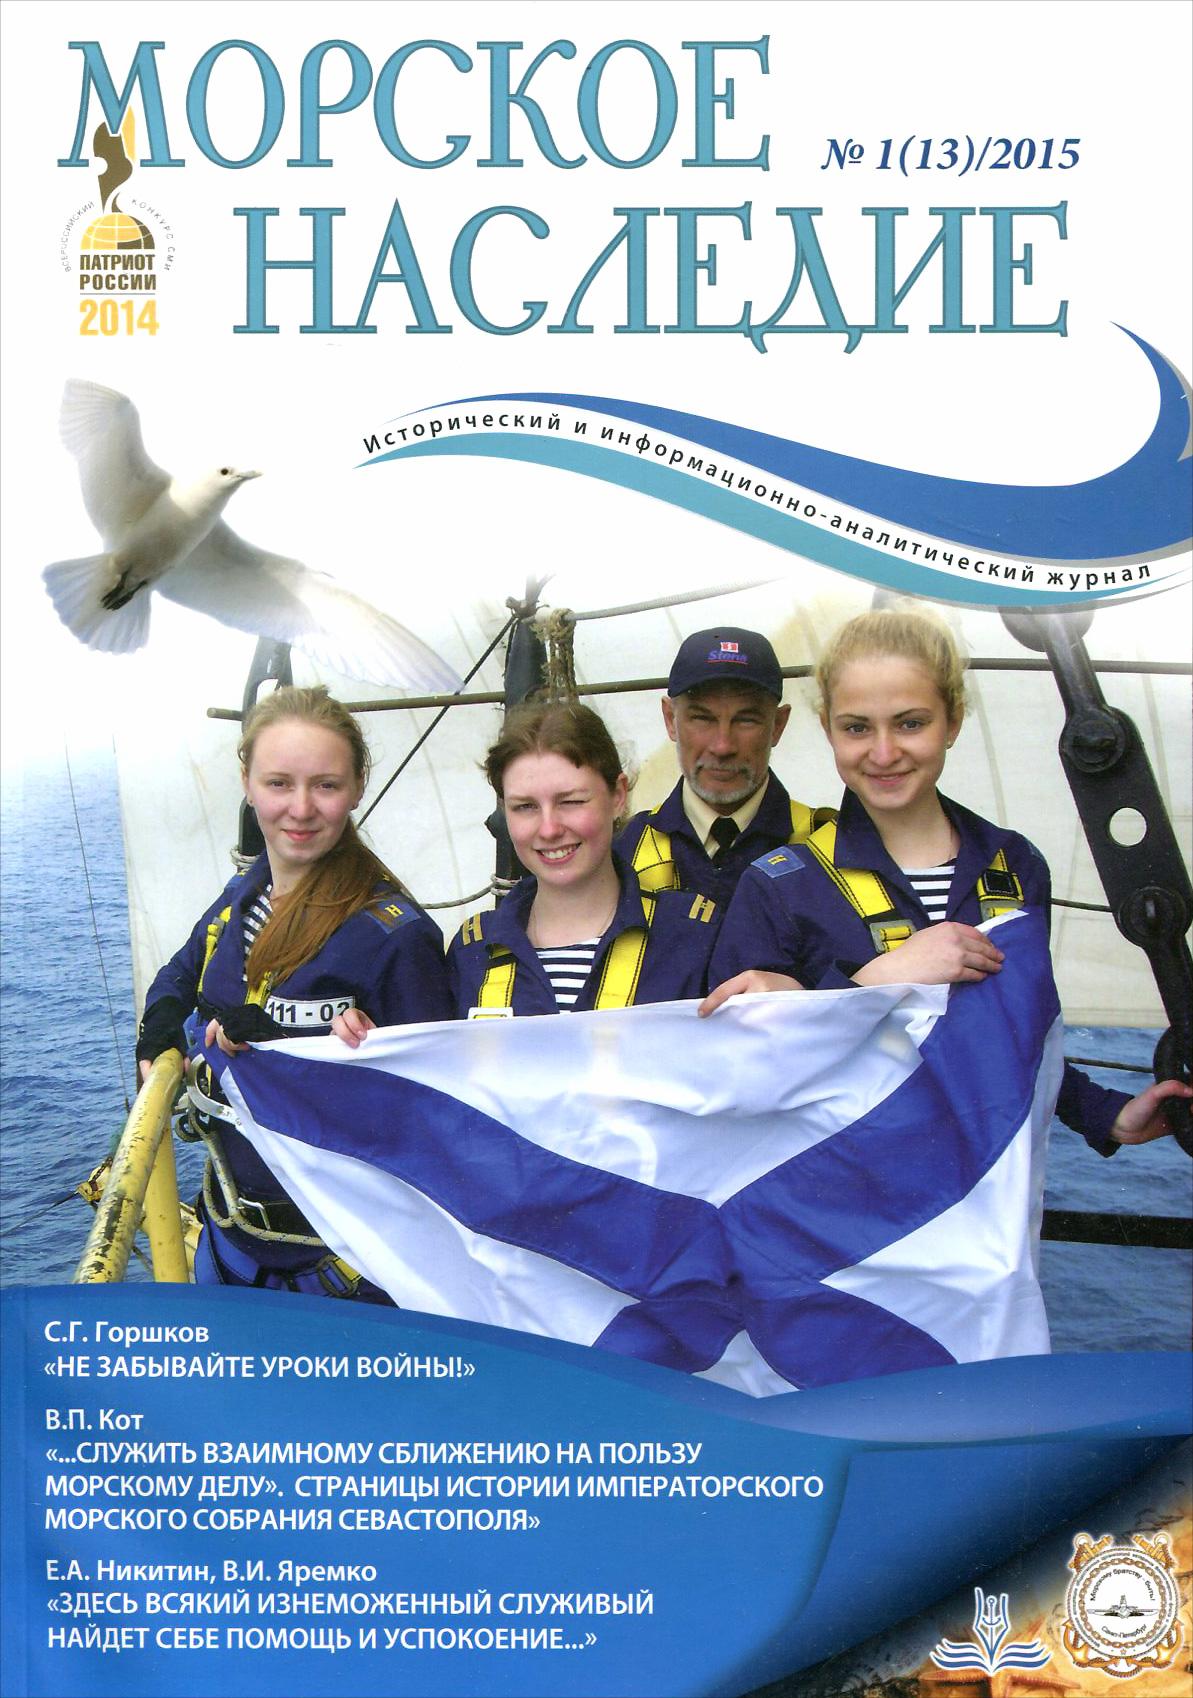 Морское Наследие, № 1(13), 2015